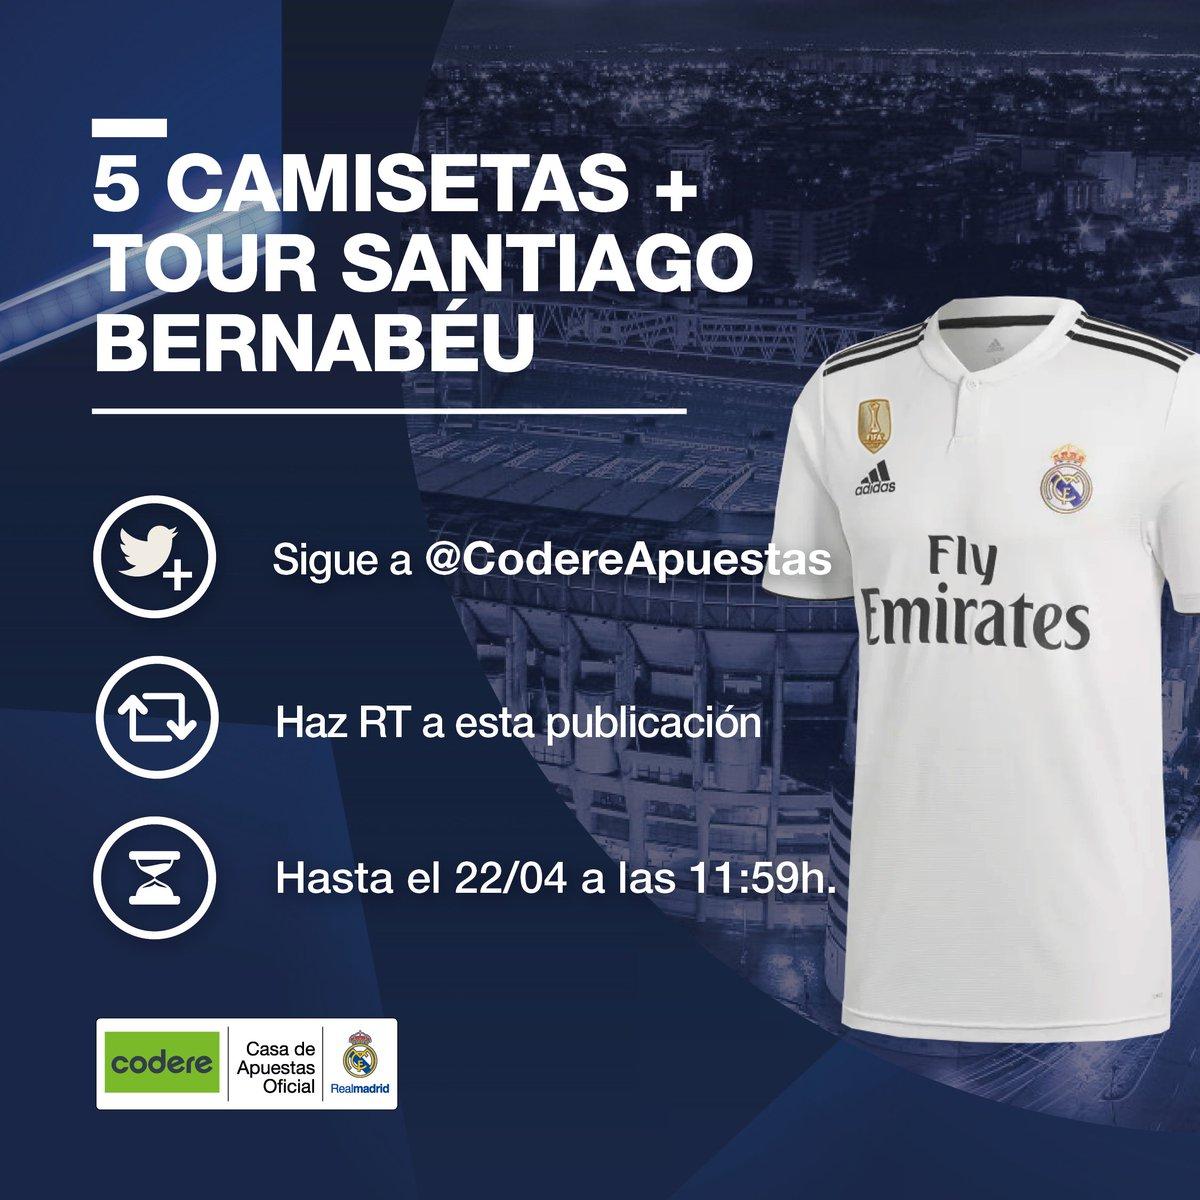 RT CodereApuestas: 👕➕👌🏟 ¿Quieres ganar una CAMISETA del Real Madrid C.F. y una entrada doble para el TOUR del ESTADIO Santiago Bernabéu? ¡Hay 5 en juego y tú puedes ser uno de los afortunados! Sigue las instrucciones de la imagen... CodereApuestas | …